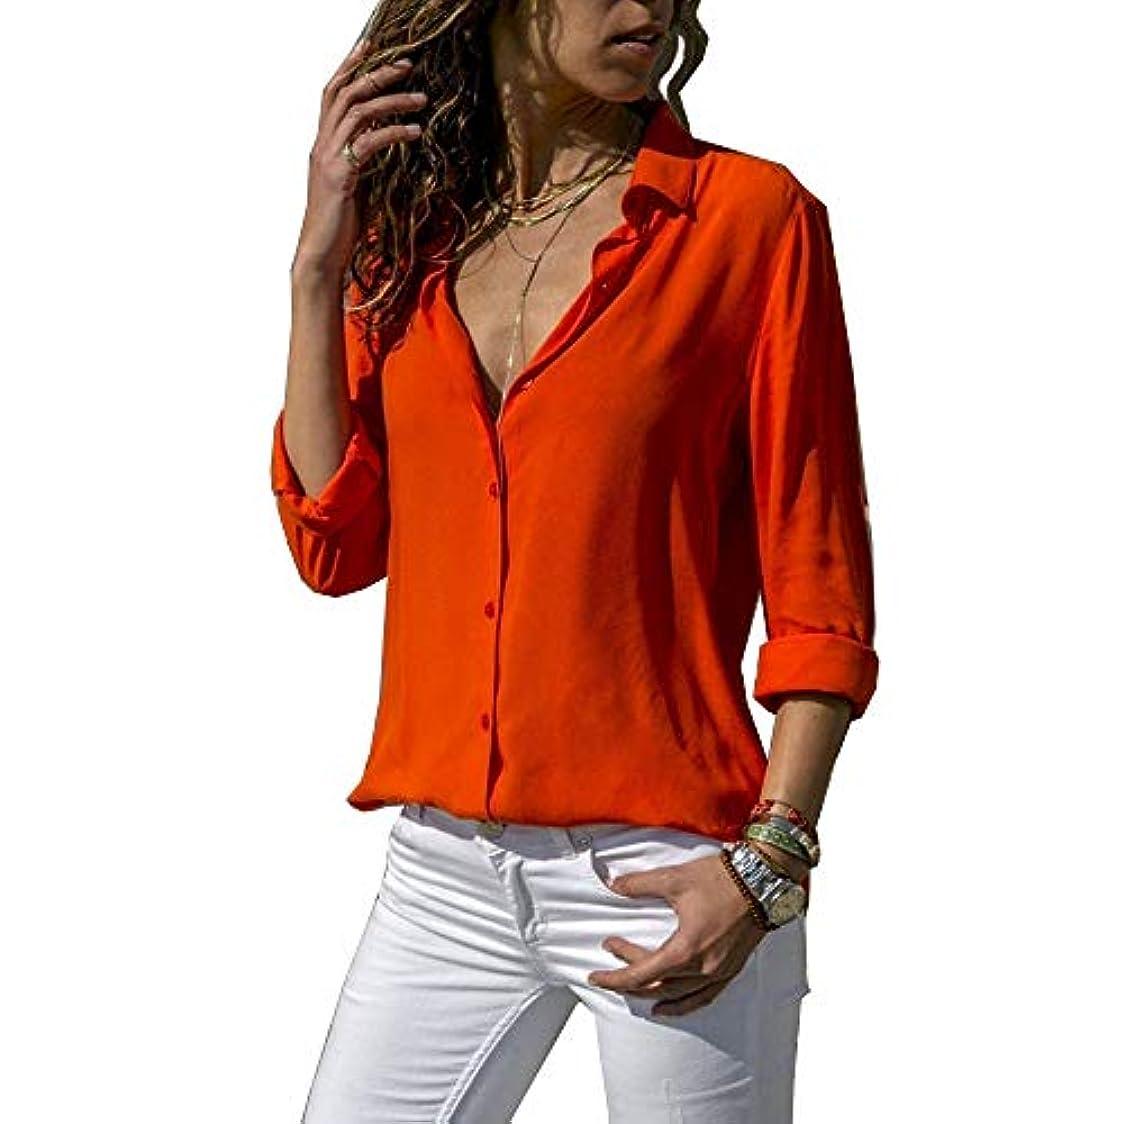 解体する裁量バルクMIFAN ルーズシャツ、トップス&Tシャツ、プラスサイズ、トップス&ブラウス、シフォンブラウス、女性トップス、シフォンシャツ